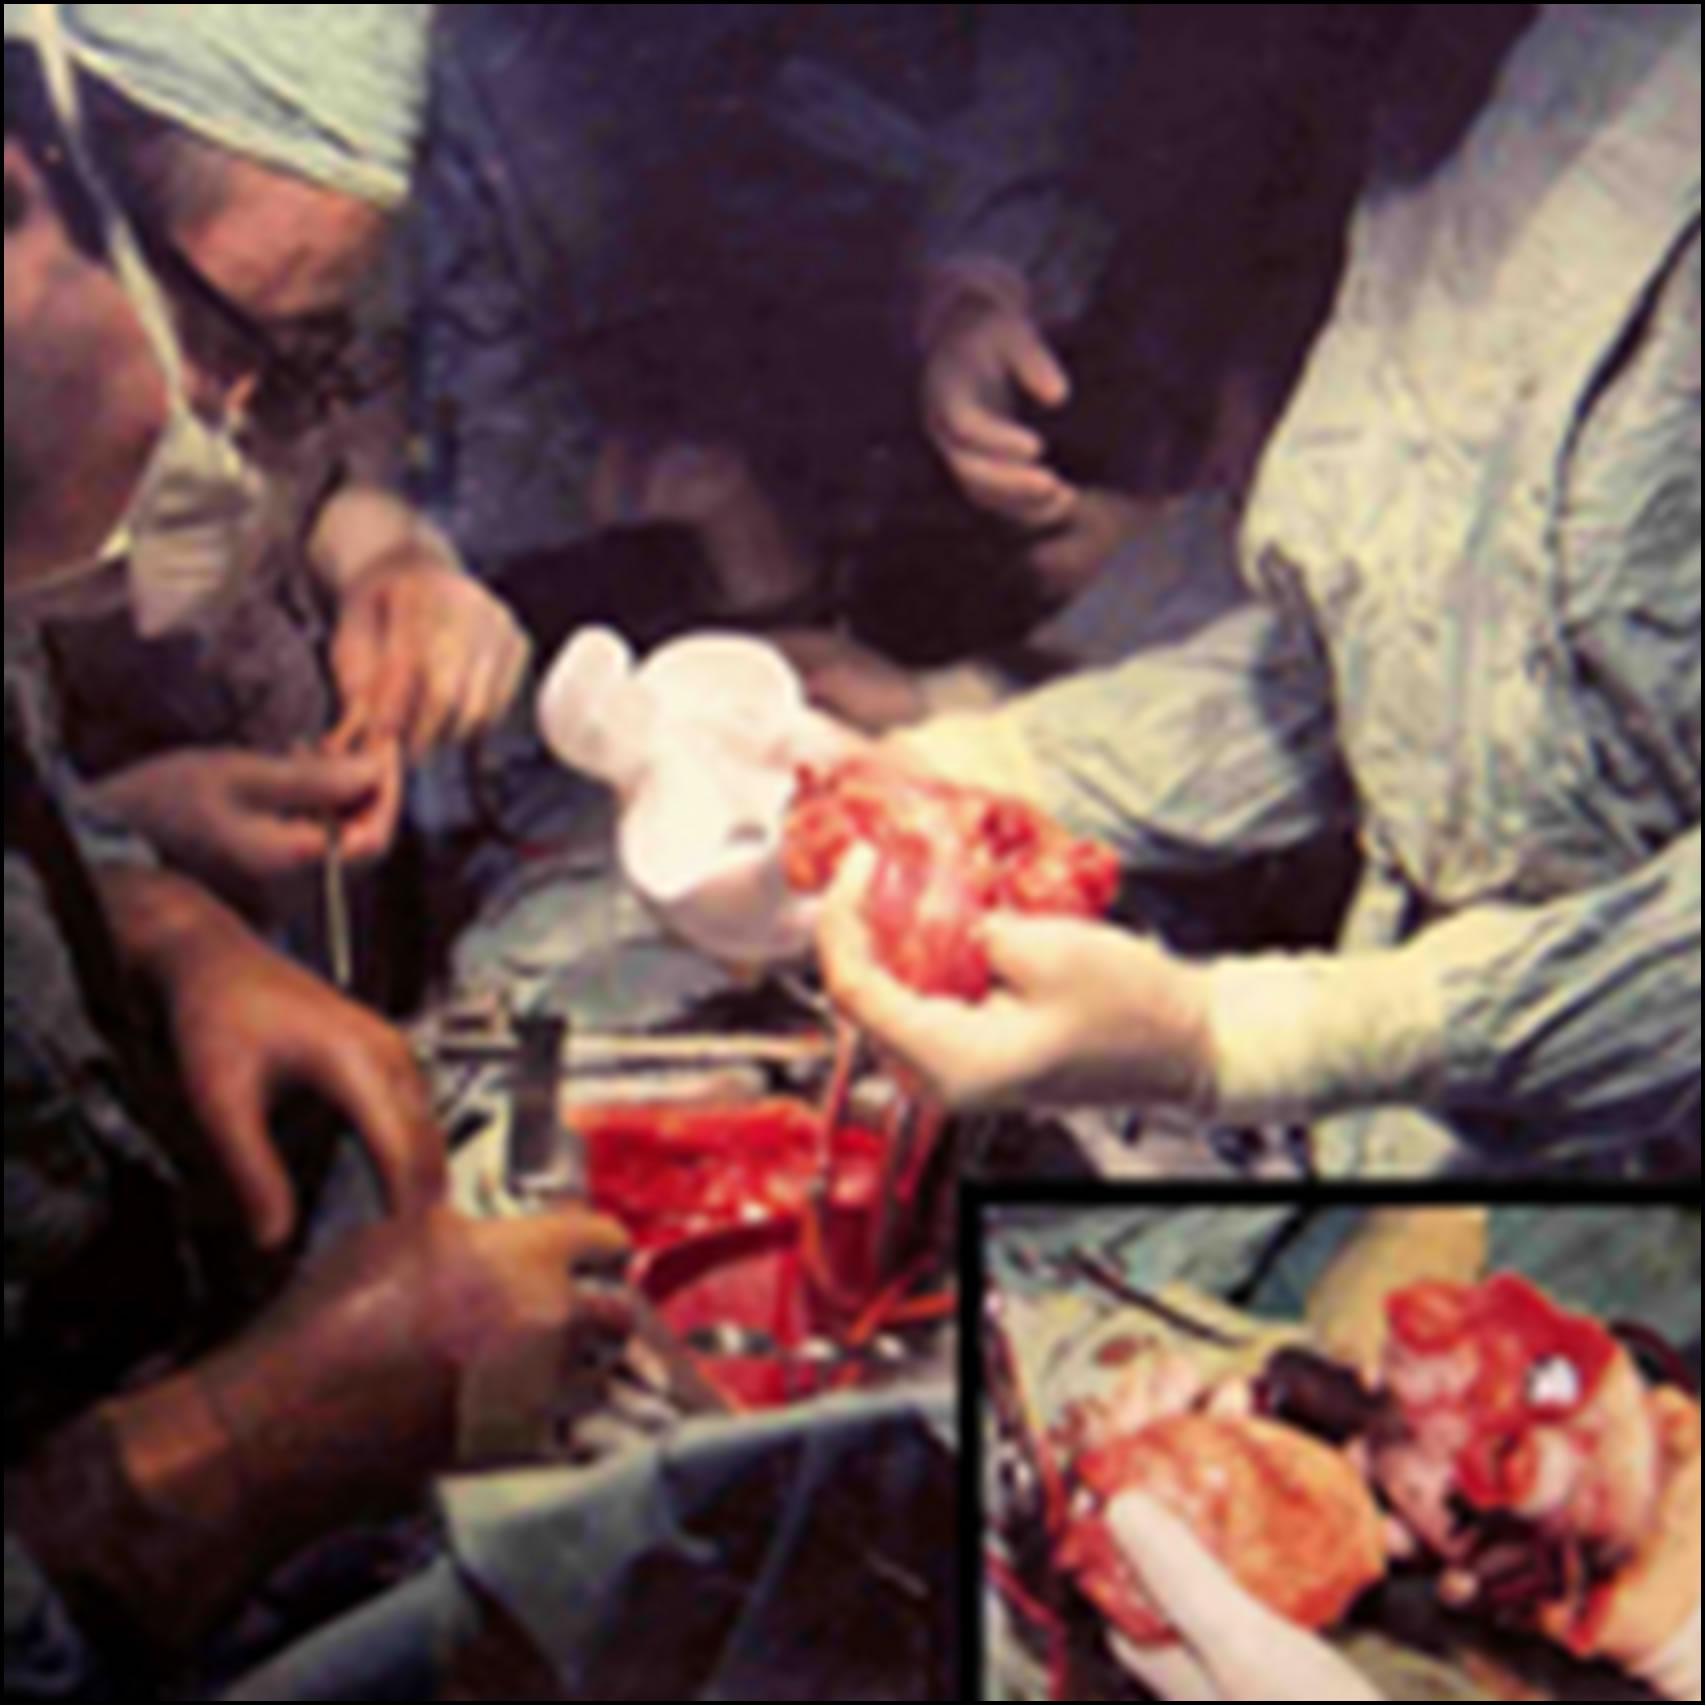 Heart transplant essay